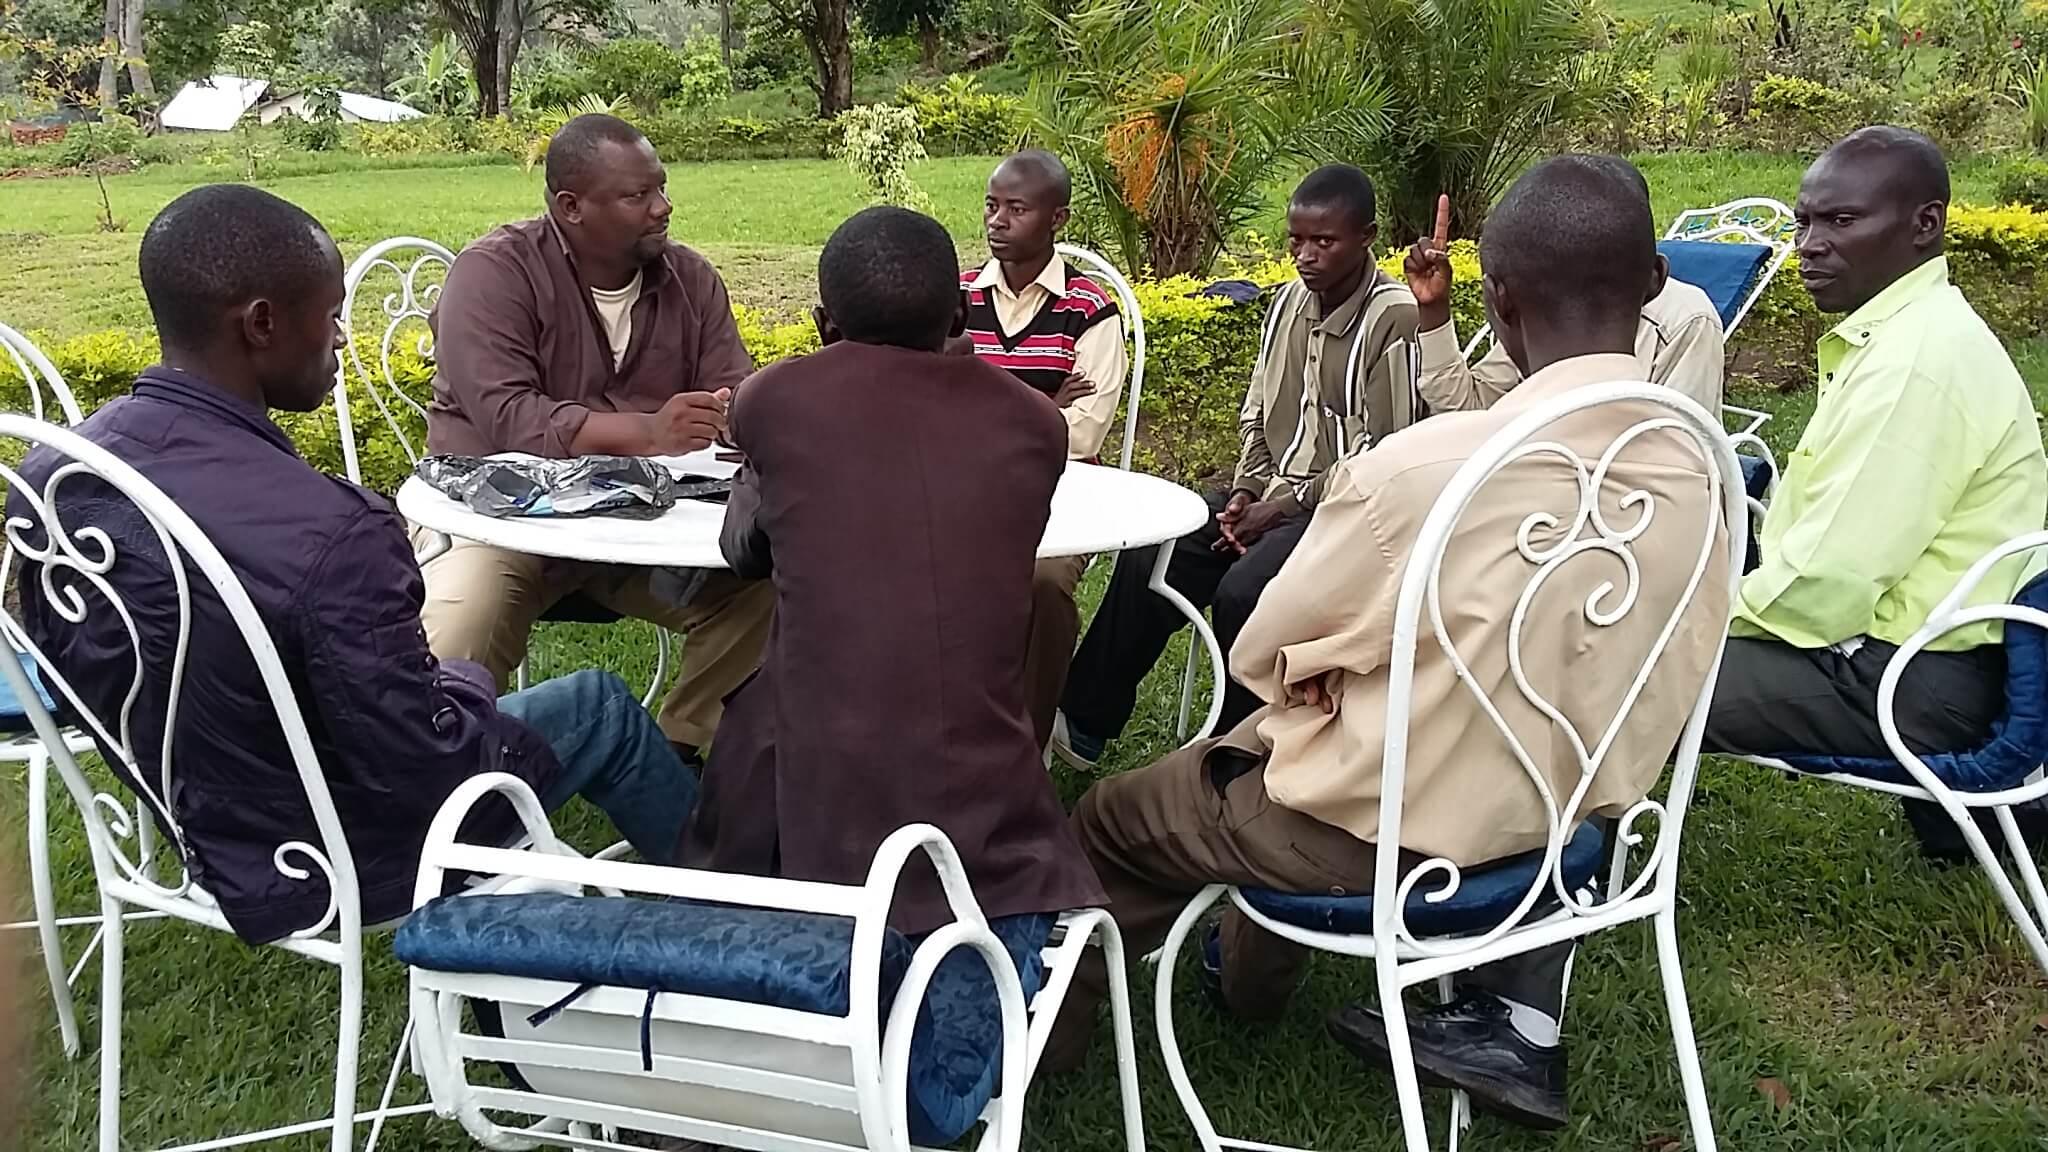 """Dr Augustin K.Basabose, Directeur Exécutif de PEx, en réunion avec la jeunesse locale d'Idjwi, membres de """"Initiative pour la Restauration et la Conservation des Forets d'Idjwi (IRCFI)"""", organisation communautaire locale visant la réhabilitation  et la conservation des forets à Idjwi."""